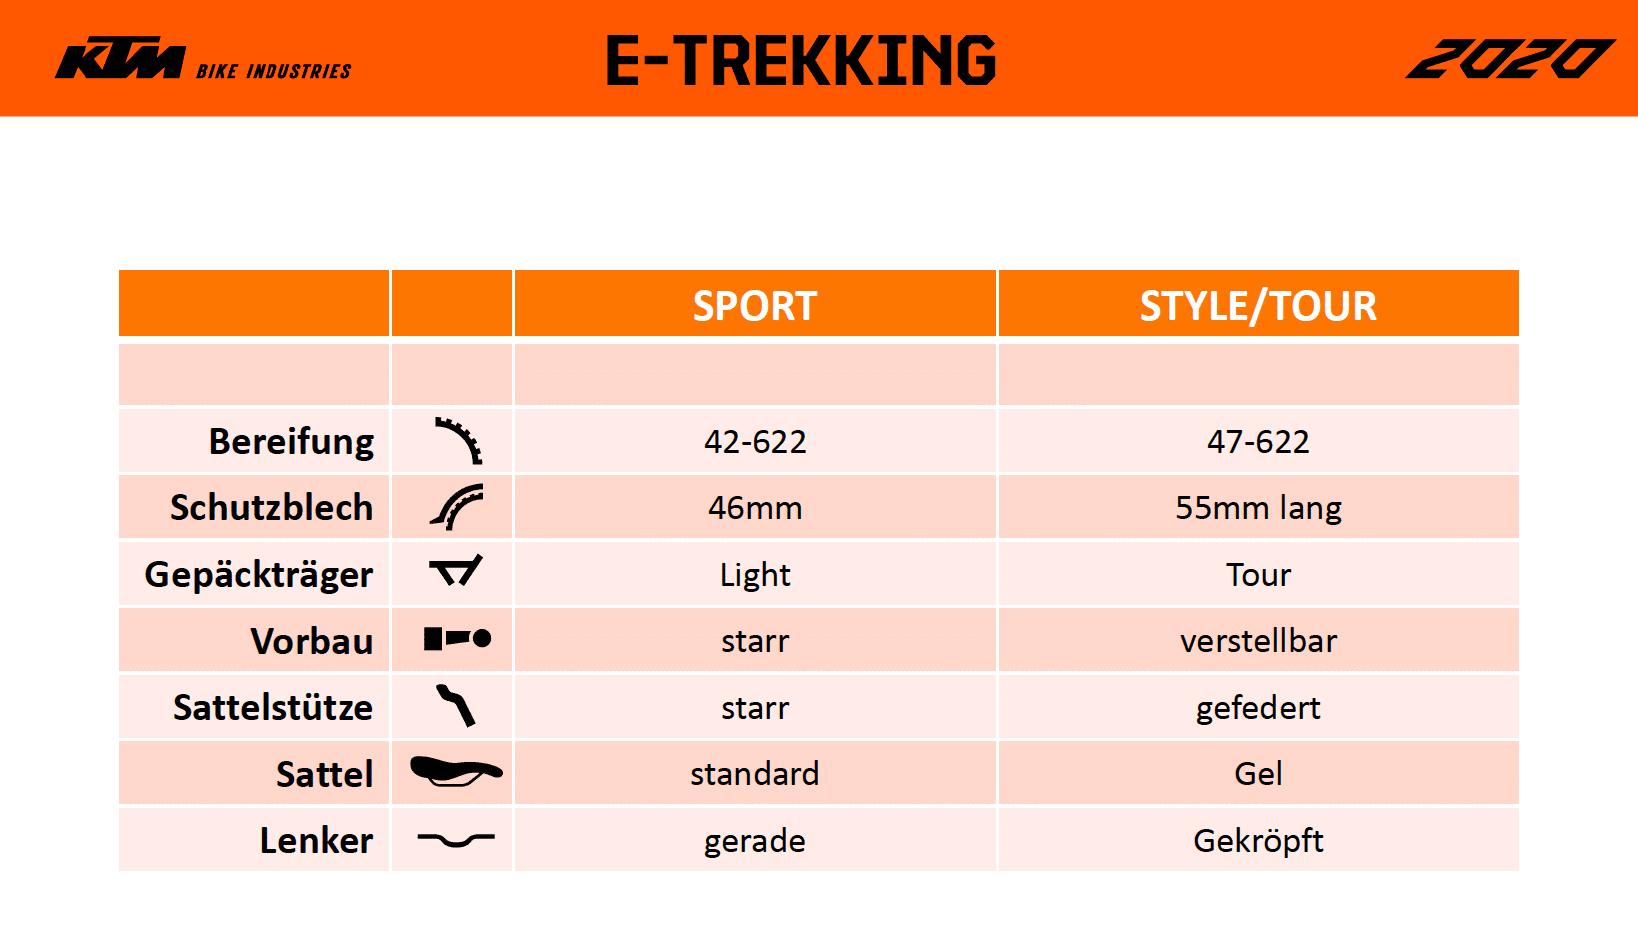 Der Unterschied zwischen KTM Macina Sport und KTM Macina Style und KTM Macina Tour